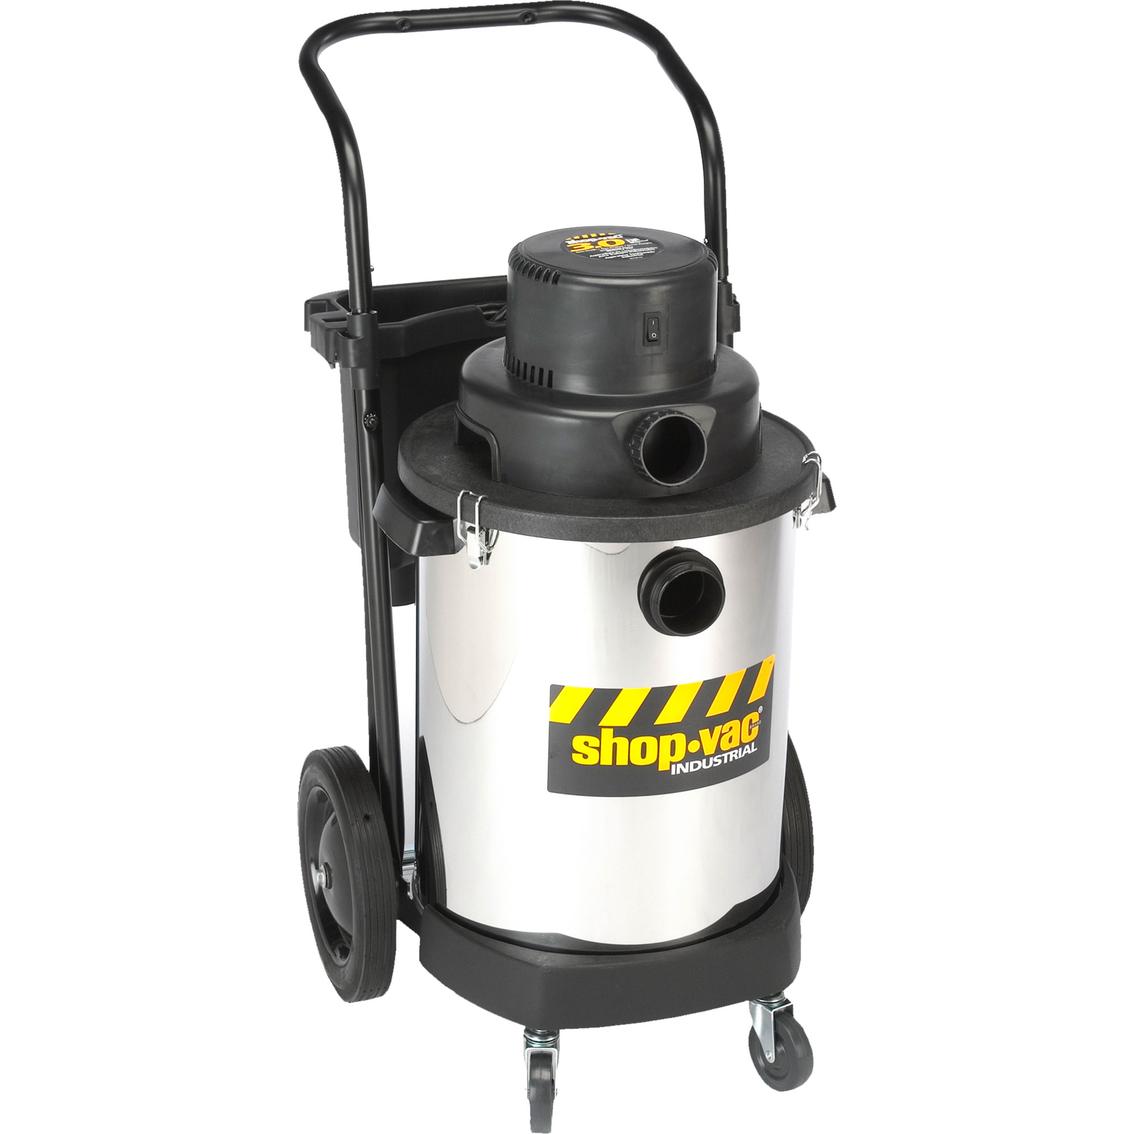 shopvac industrial heavyduty 3hp wetdry vacuum